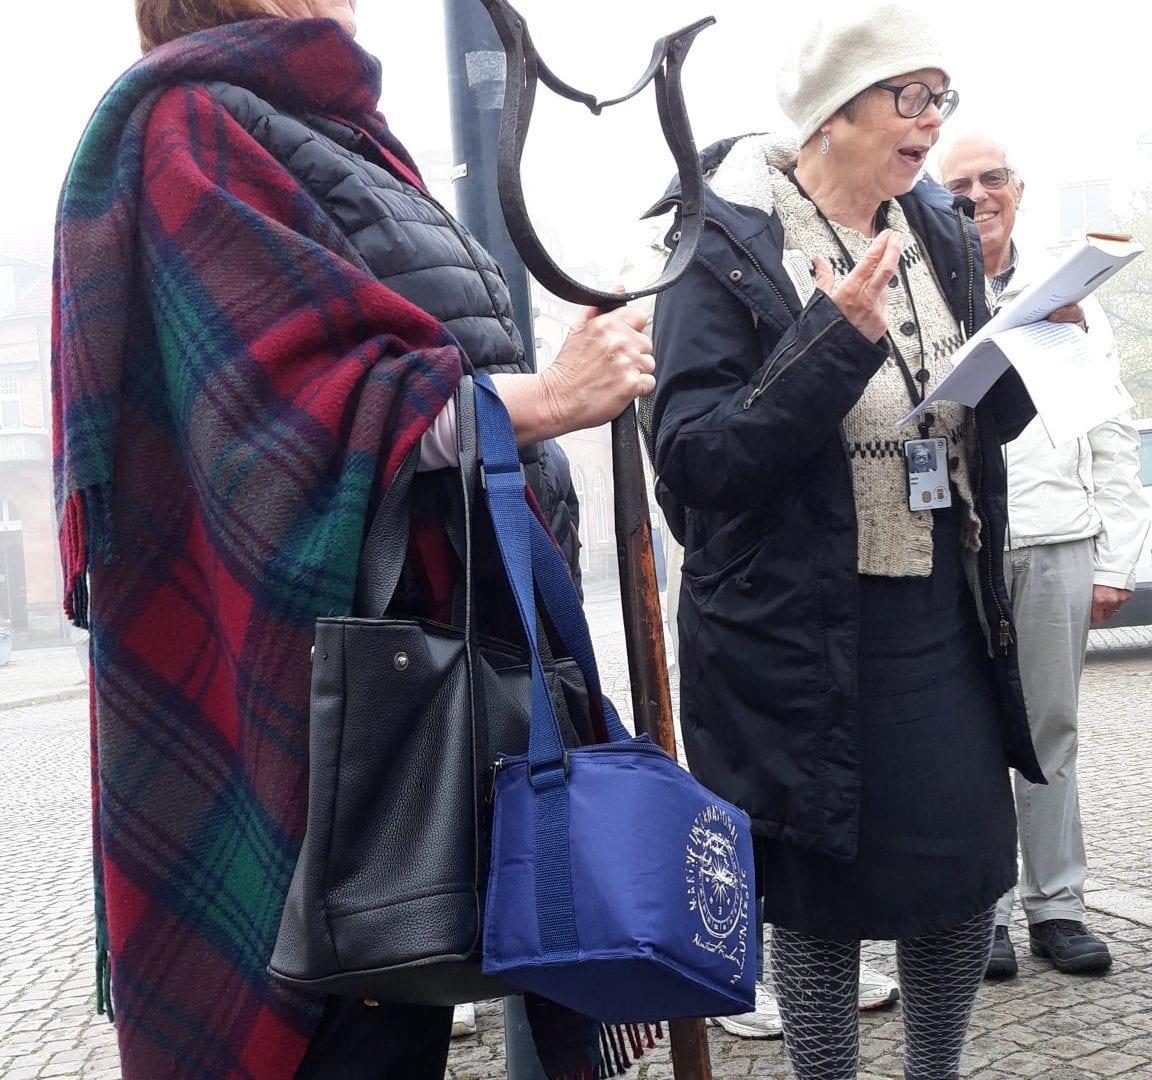 13_oktober_2019_Österlens_museum_Busstur_i_brottens_spår_foto_Veronica_Jeppsson